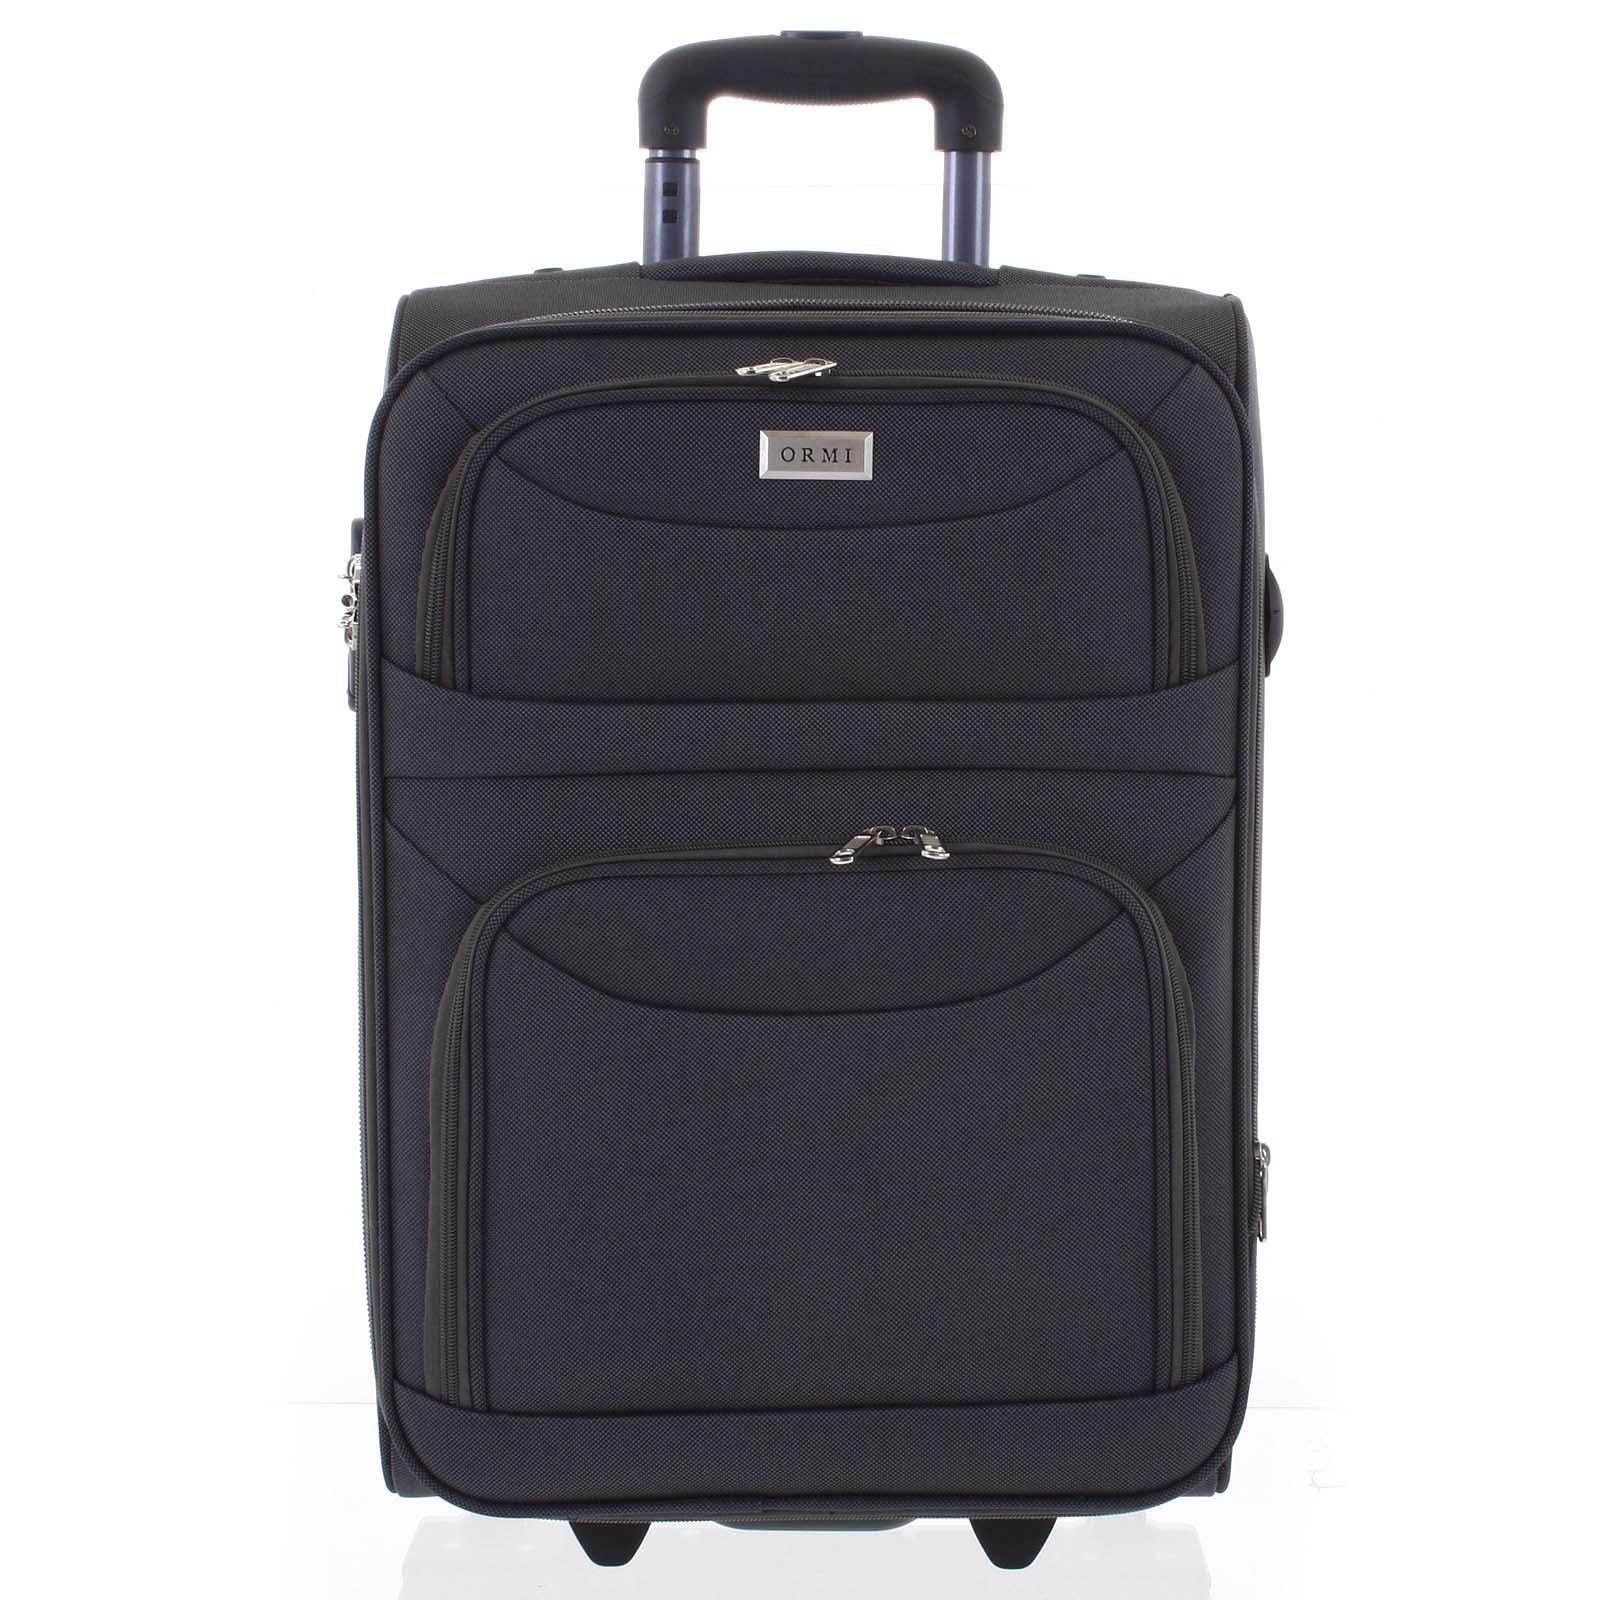 Klasický látkový tmavě šedý cestovní kufr - Ormi Stof L